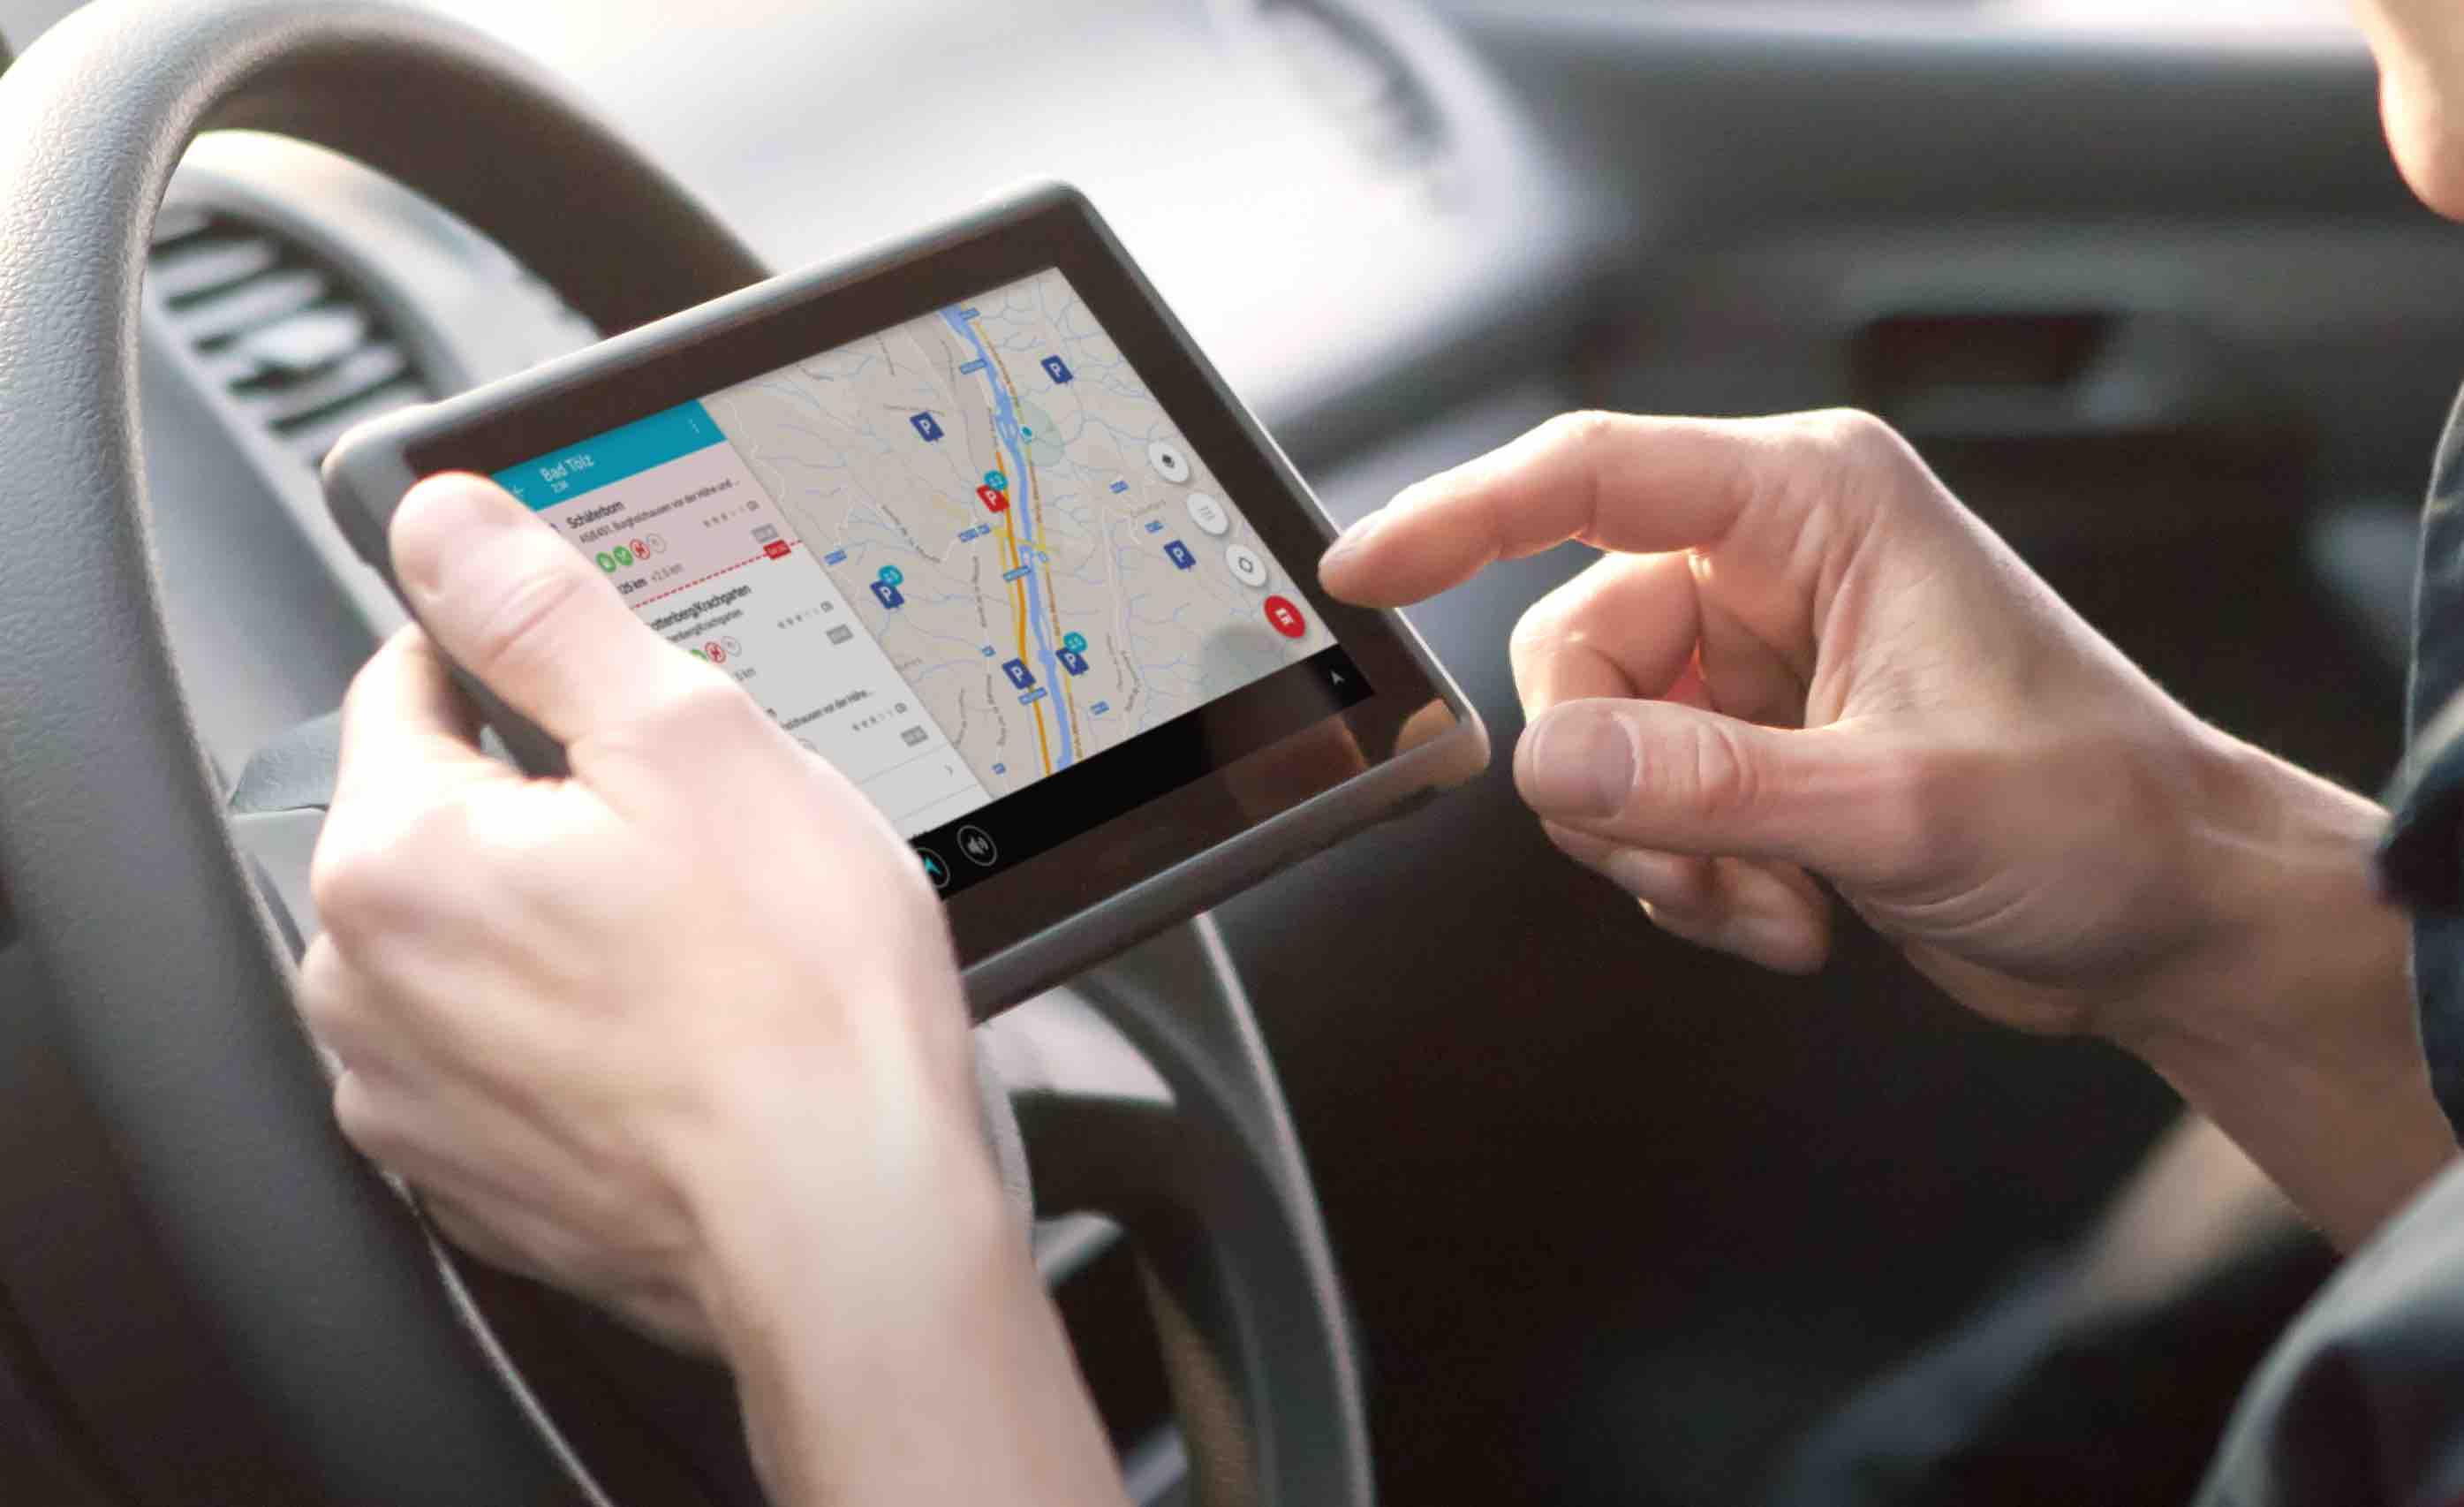 TomTom ha alcanzado un acuerdo con TruckParkingEurope para incluir esta aplicación de localización de áreas de aparcamiento seguras en sus dispositivos de alta gama.